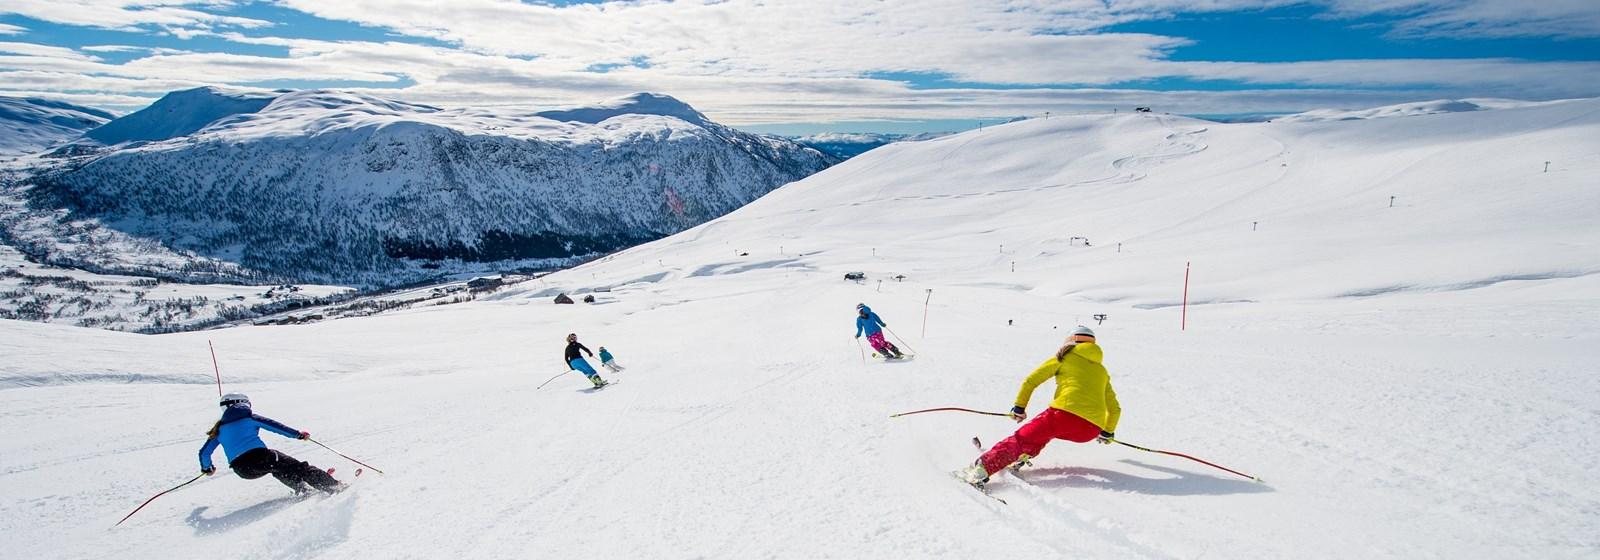 ski resort norge - hafjell